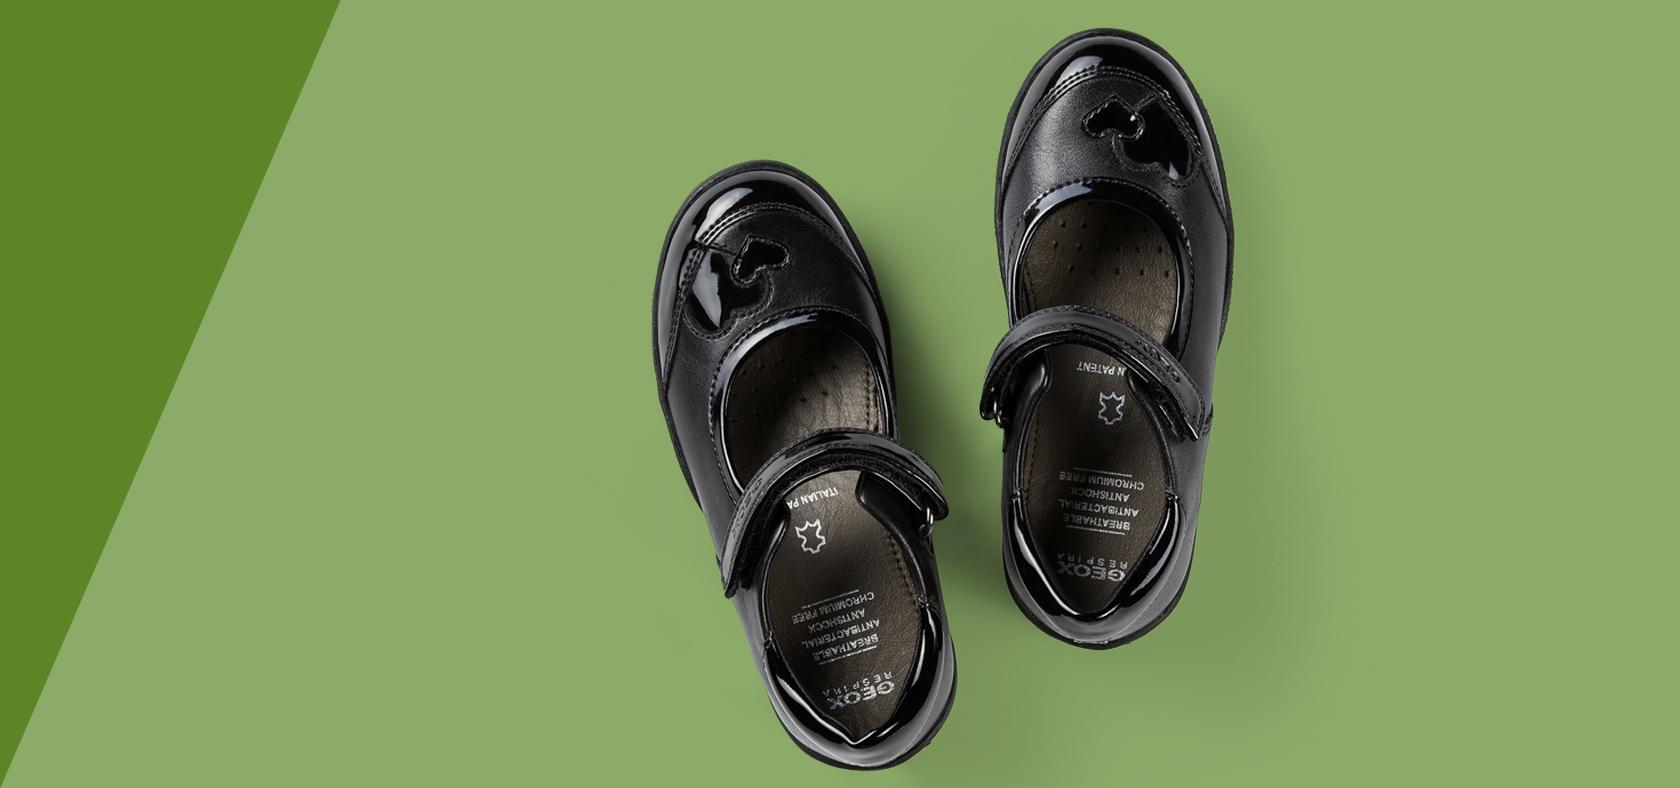 zapatos geox fiesta 01 precio